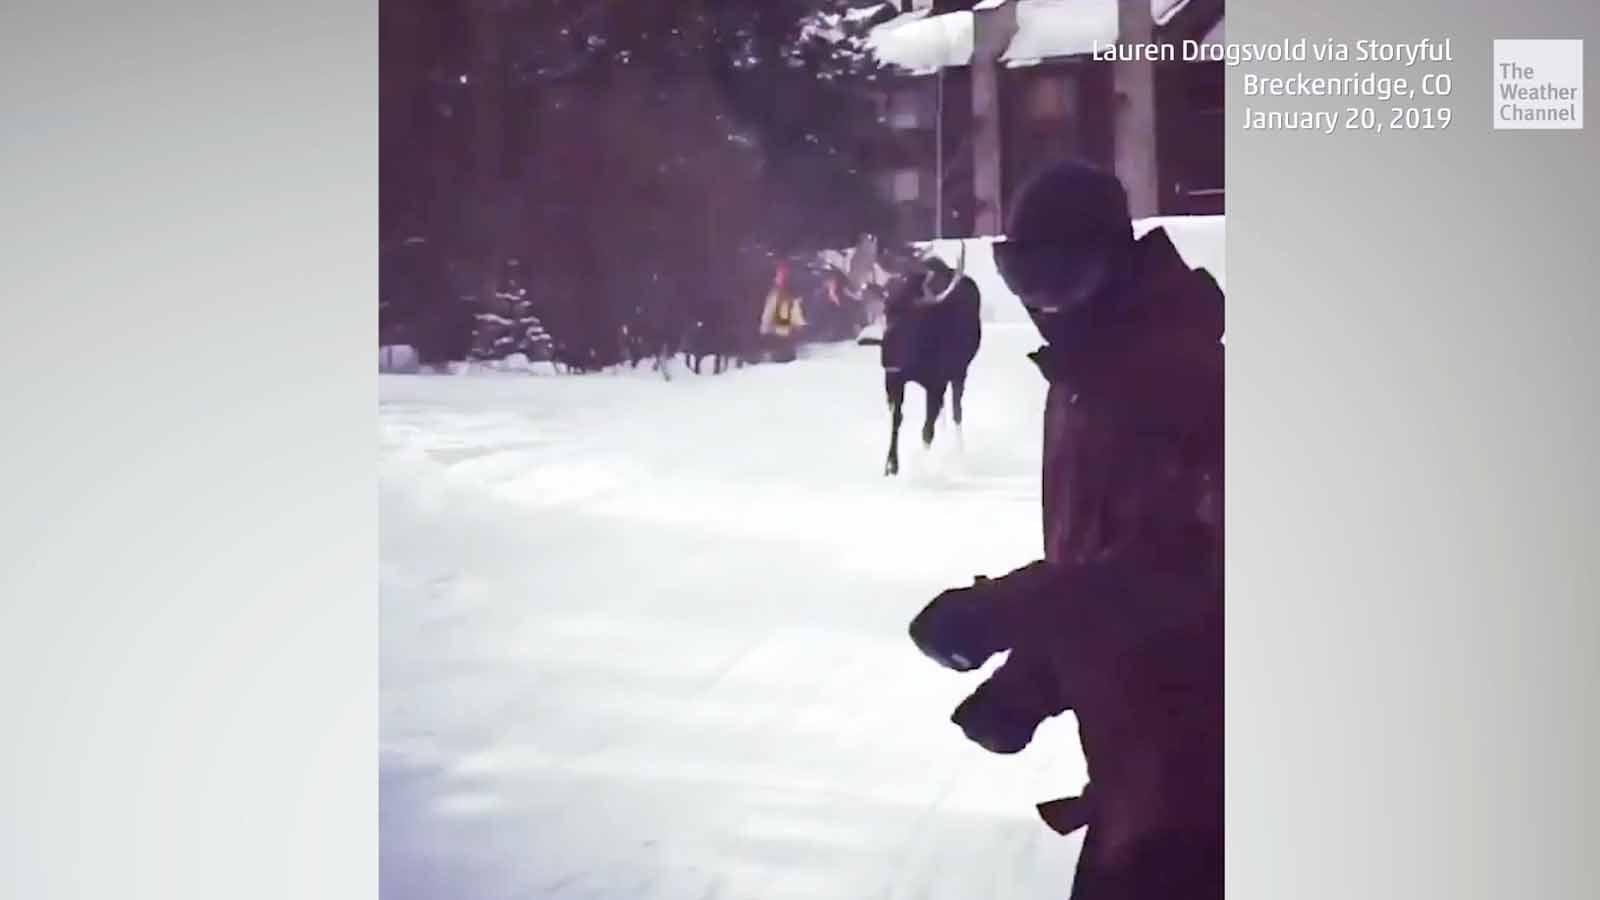 Winterspaß geht anders: Wütender Elch jagt Snowboarderin auf der Piste